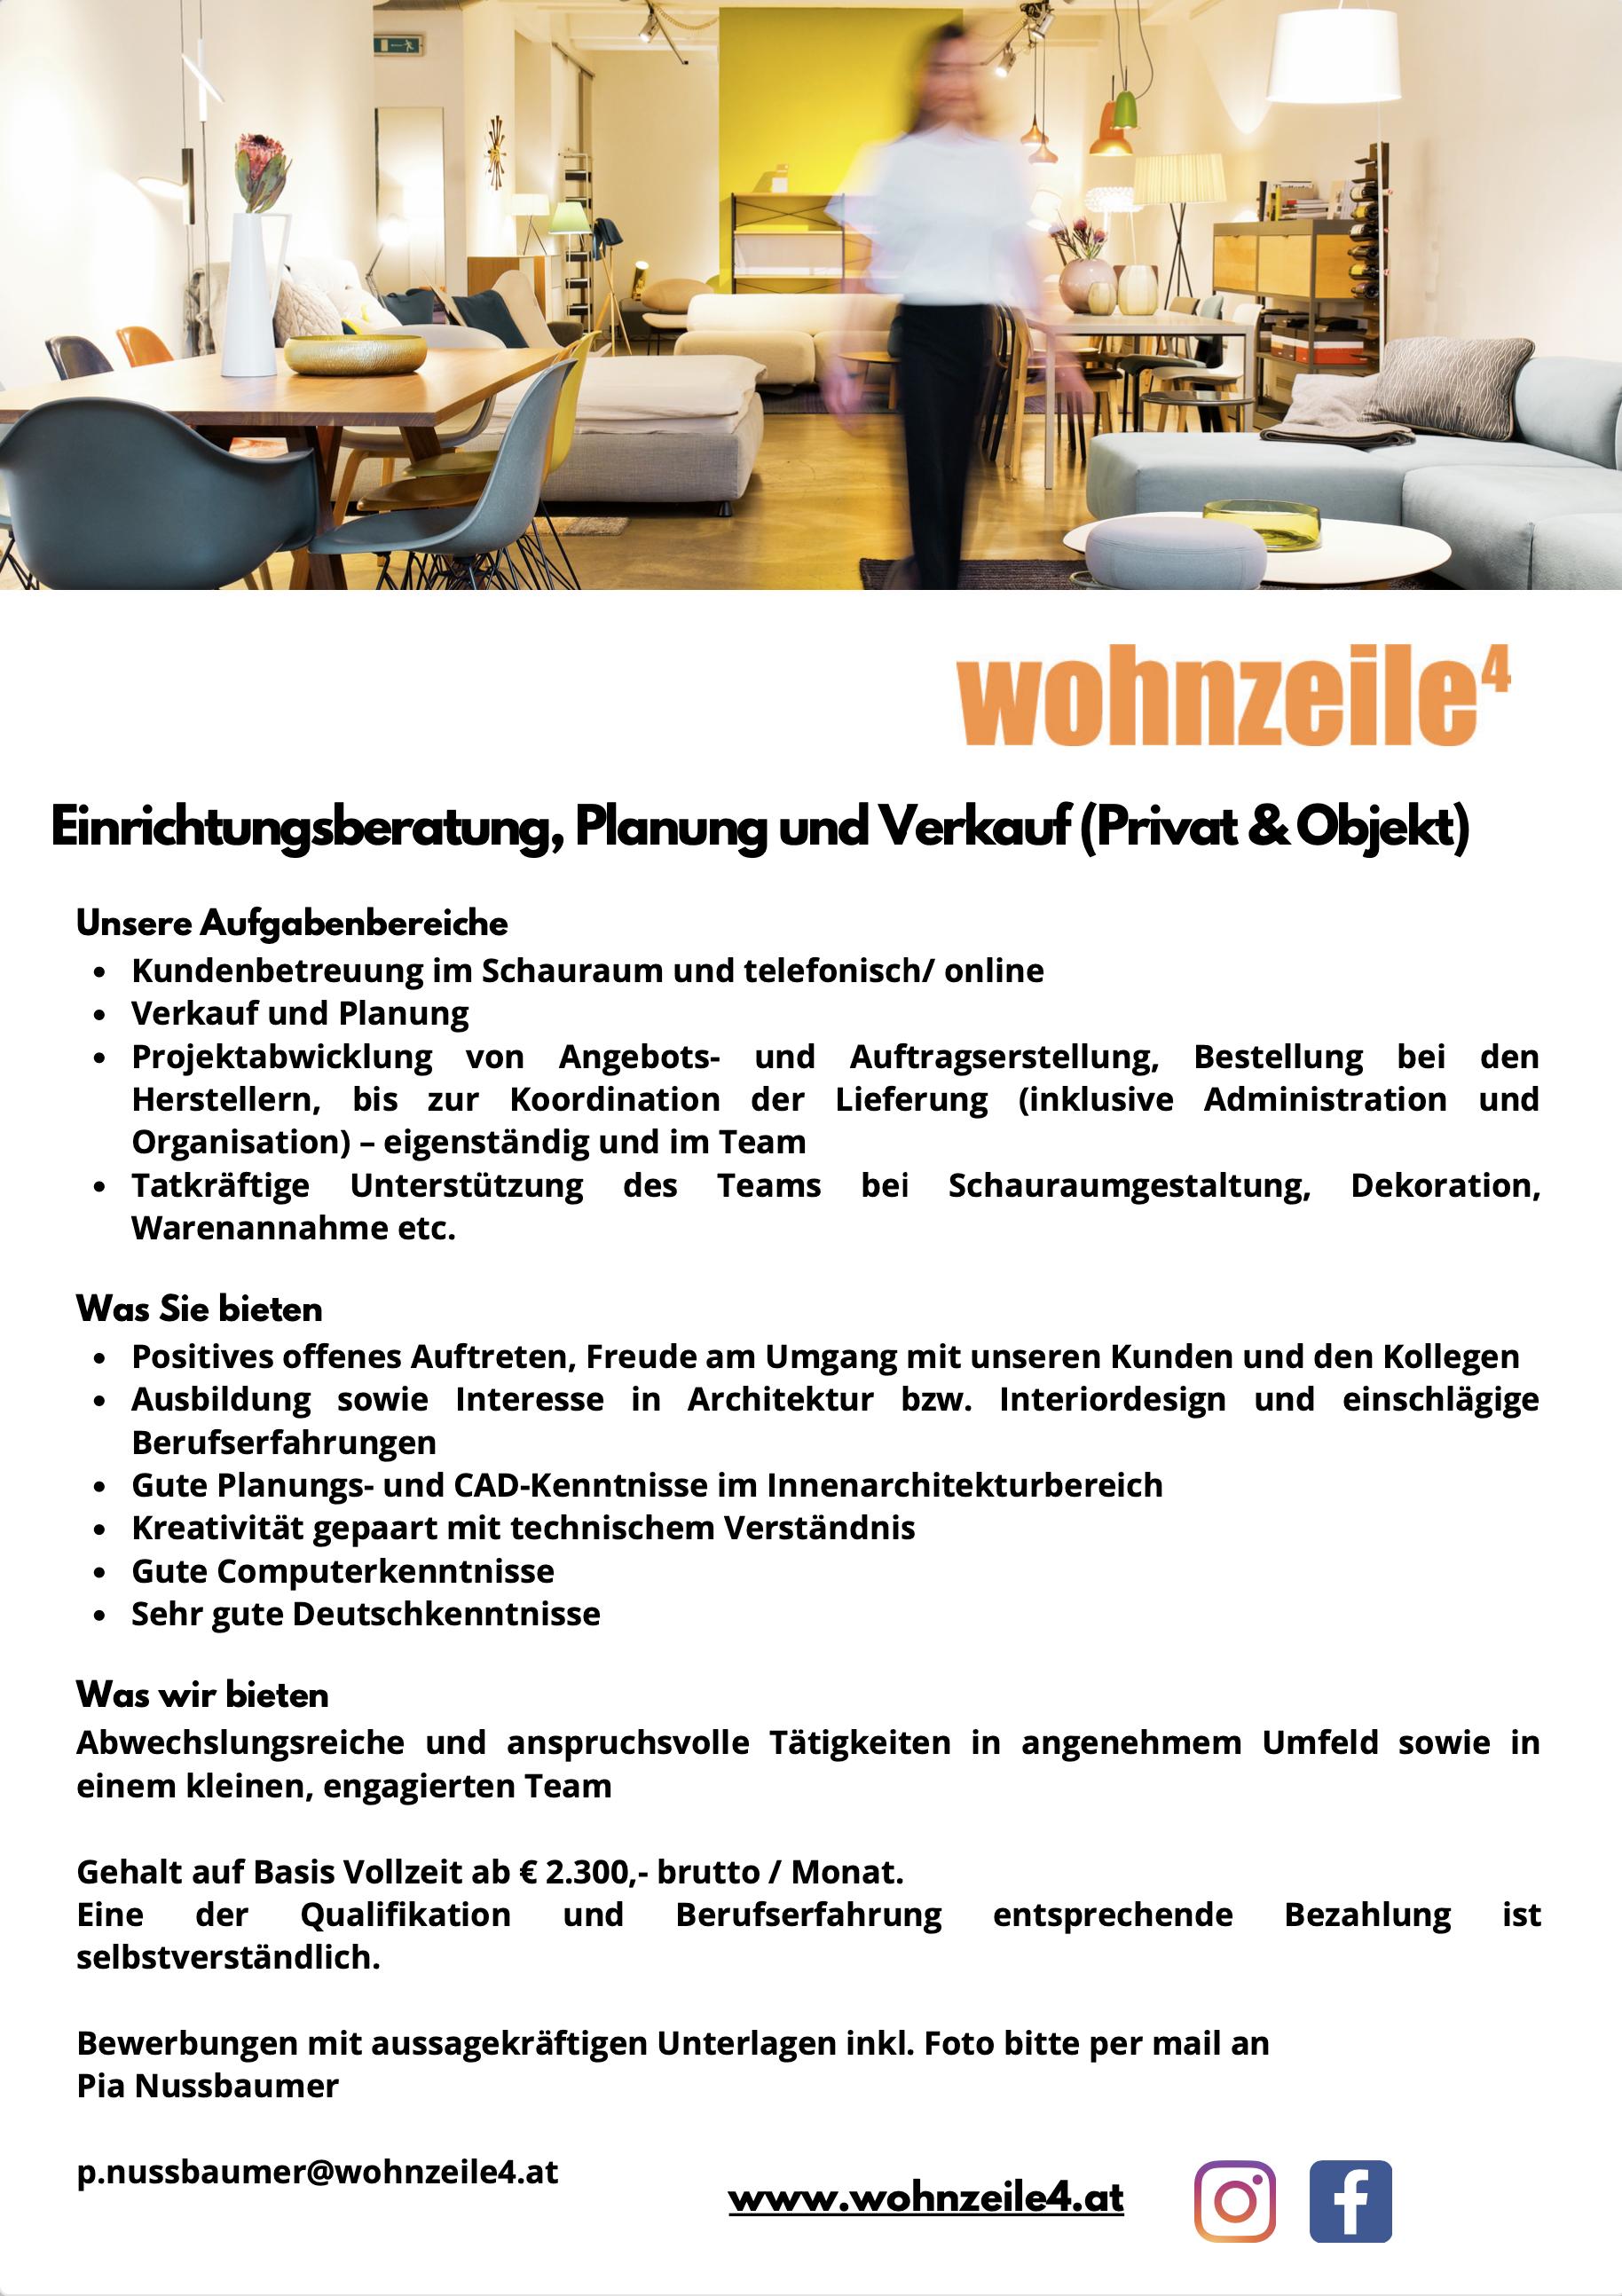 Wohnzeile21 EinrichtungsGmbH, Wien, 121.21.21 — EBS   Interior ...